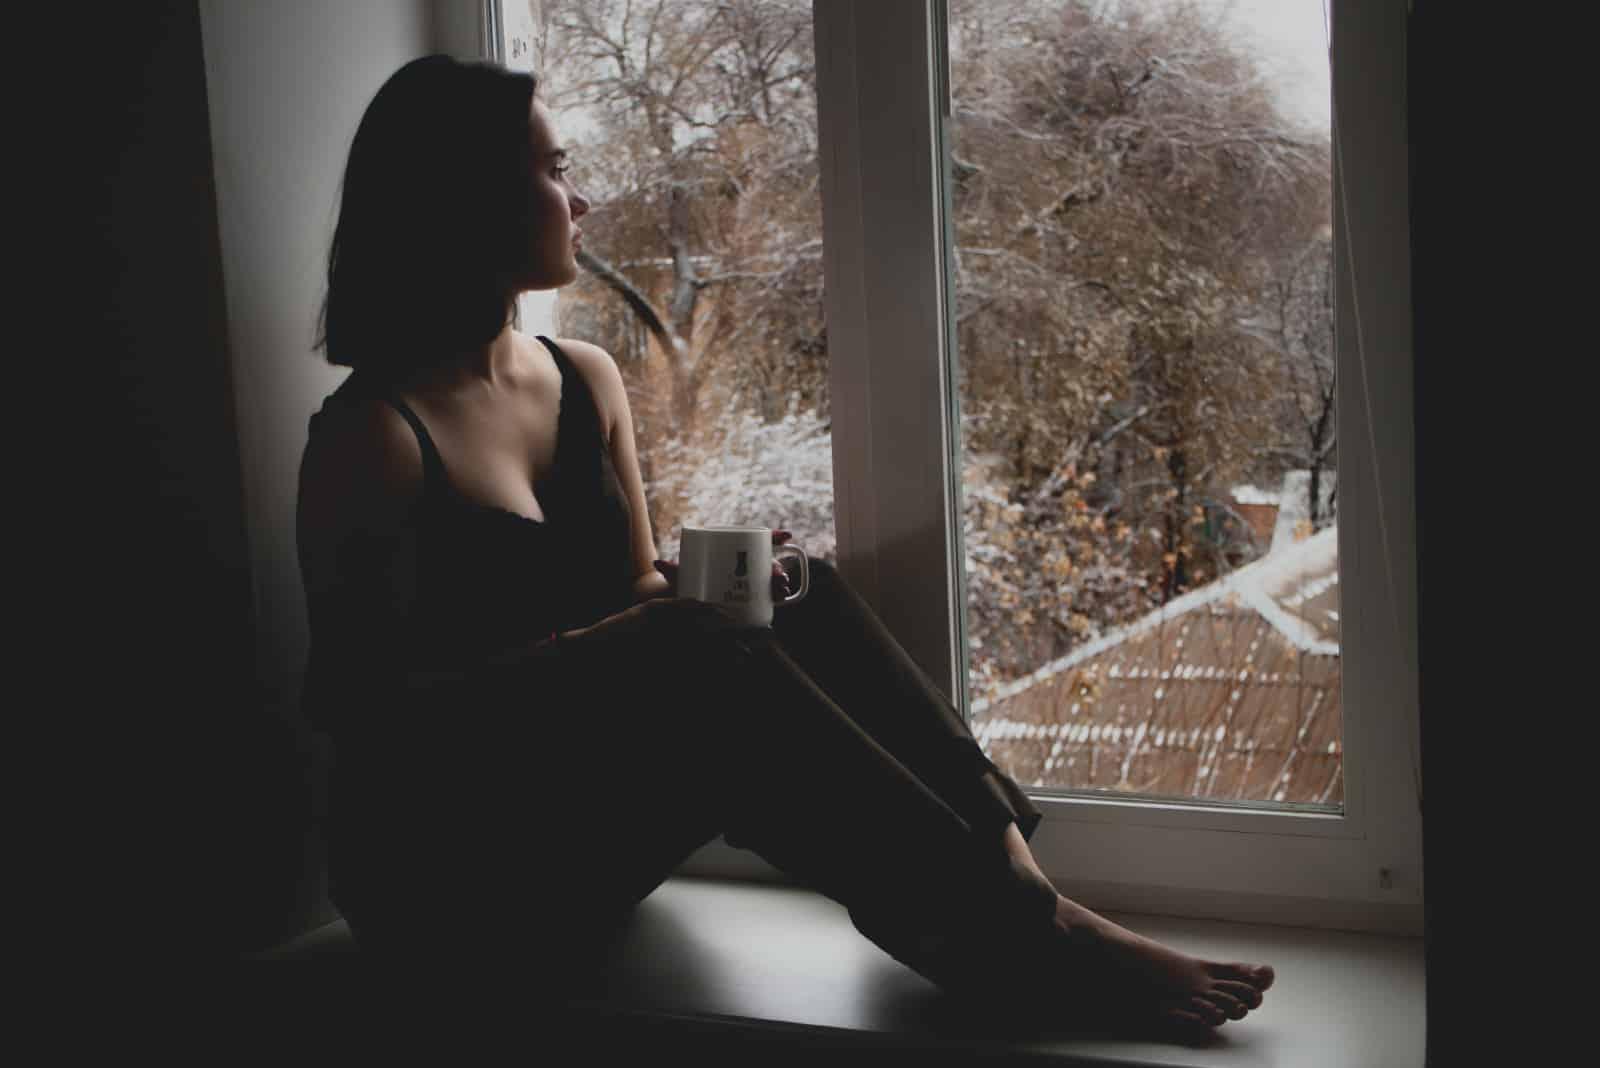 femme buvant du café assise près d'une fenêtre